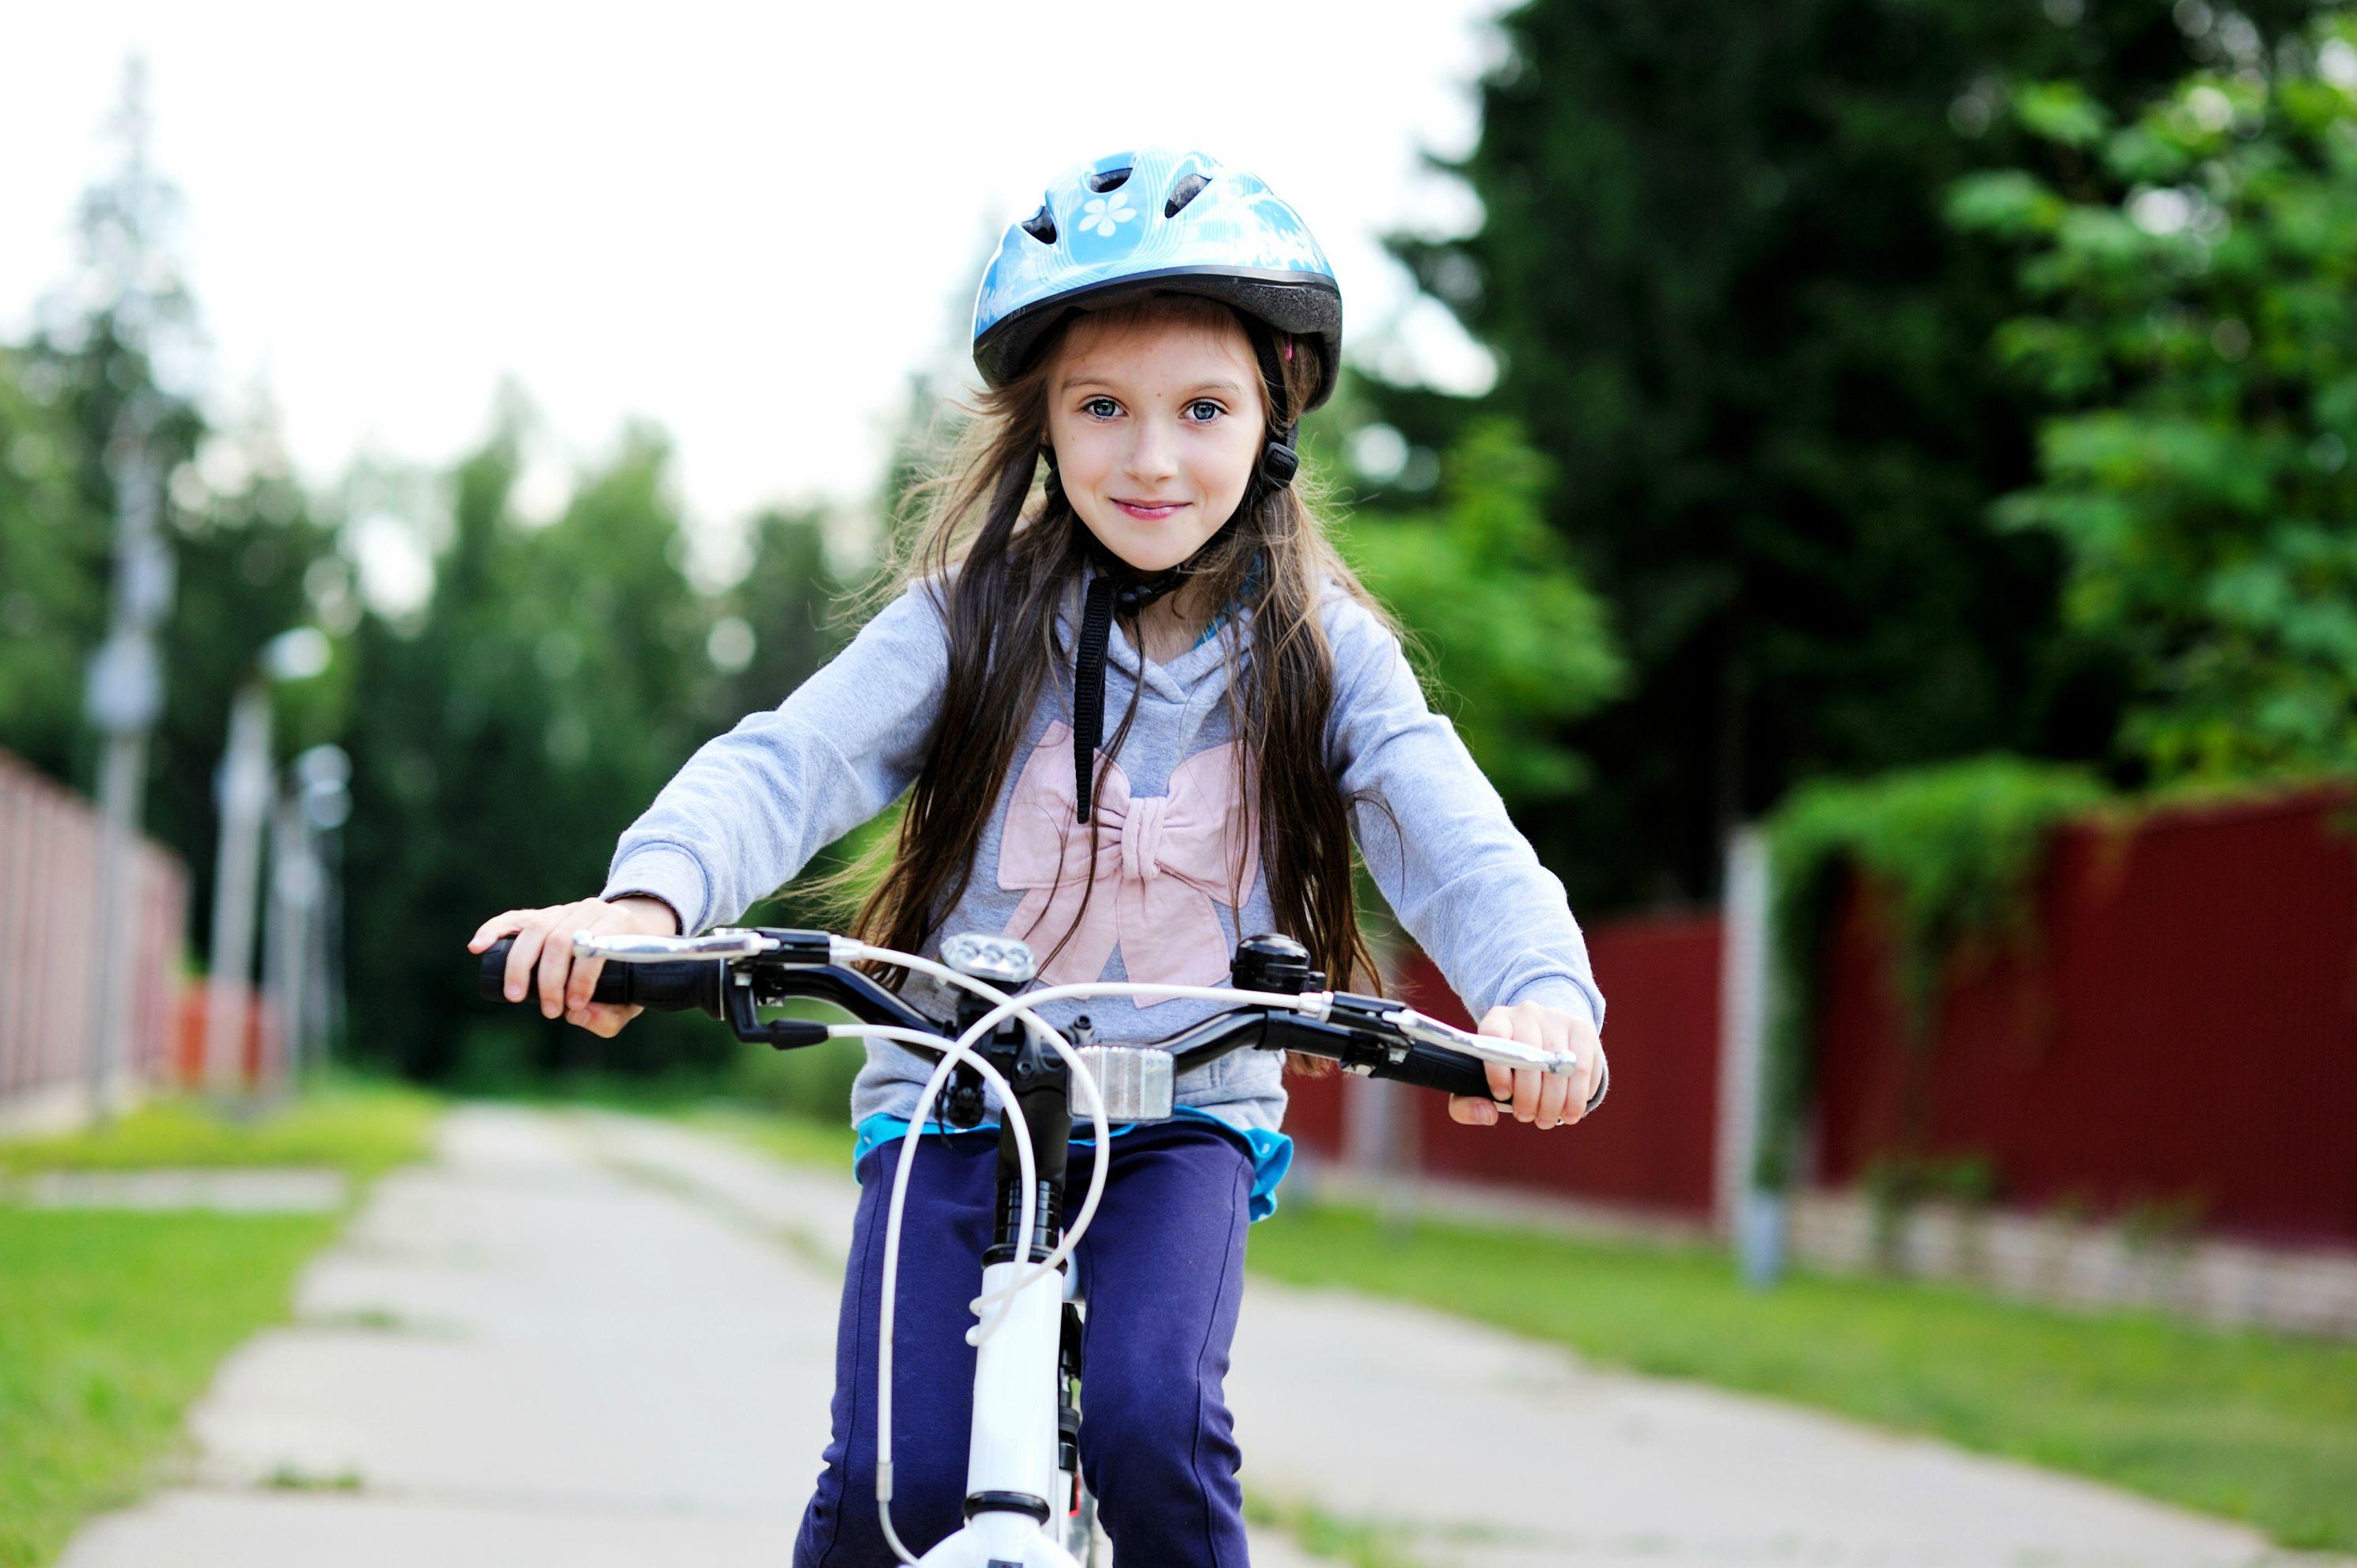 Alasan Mengajak Bersepeda Anak Di Akhir Pekan